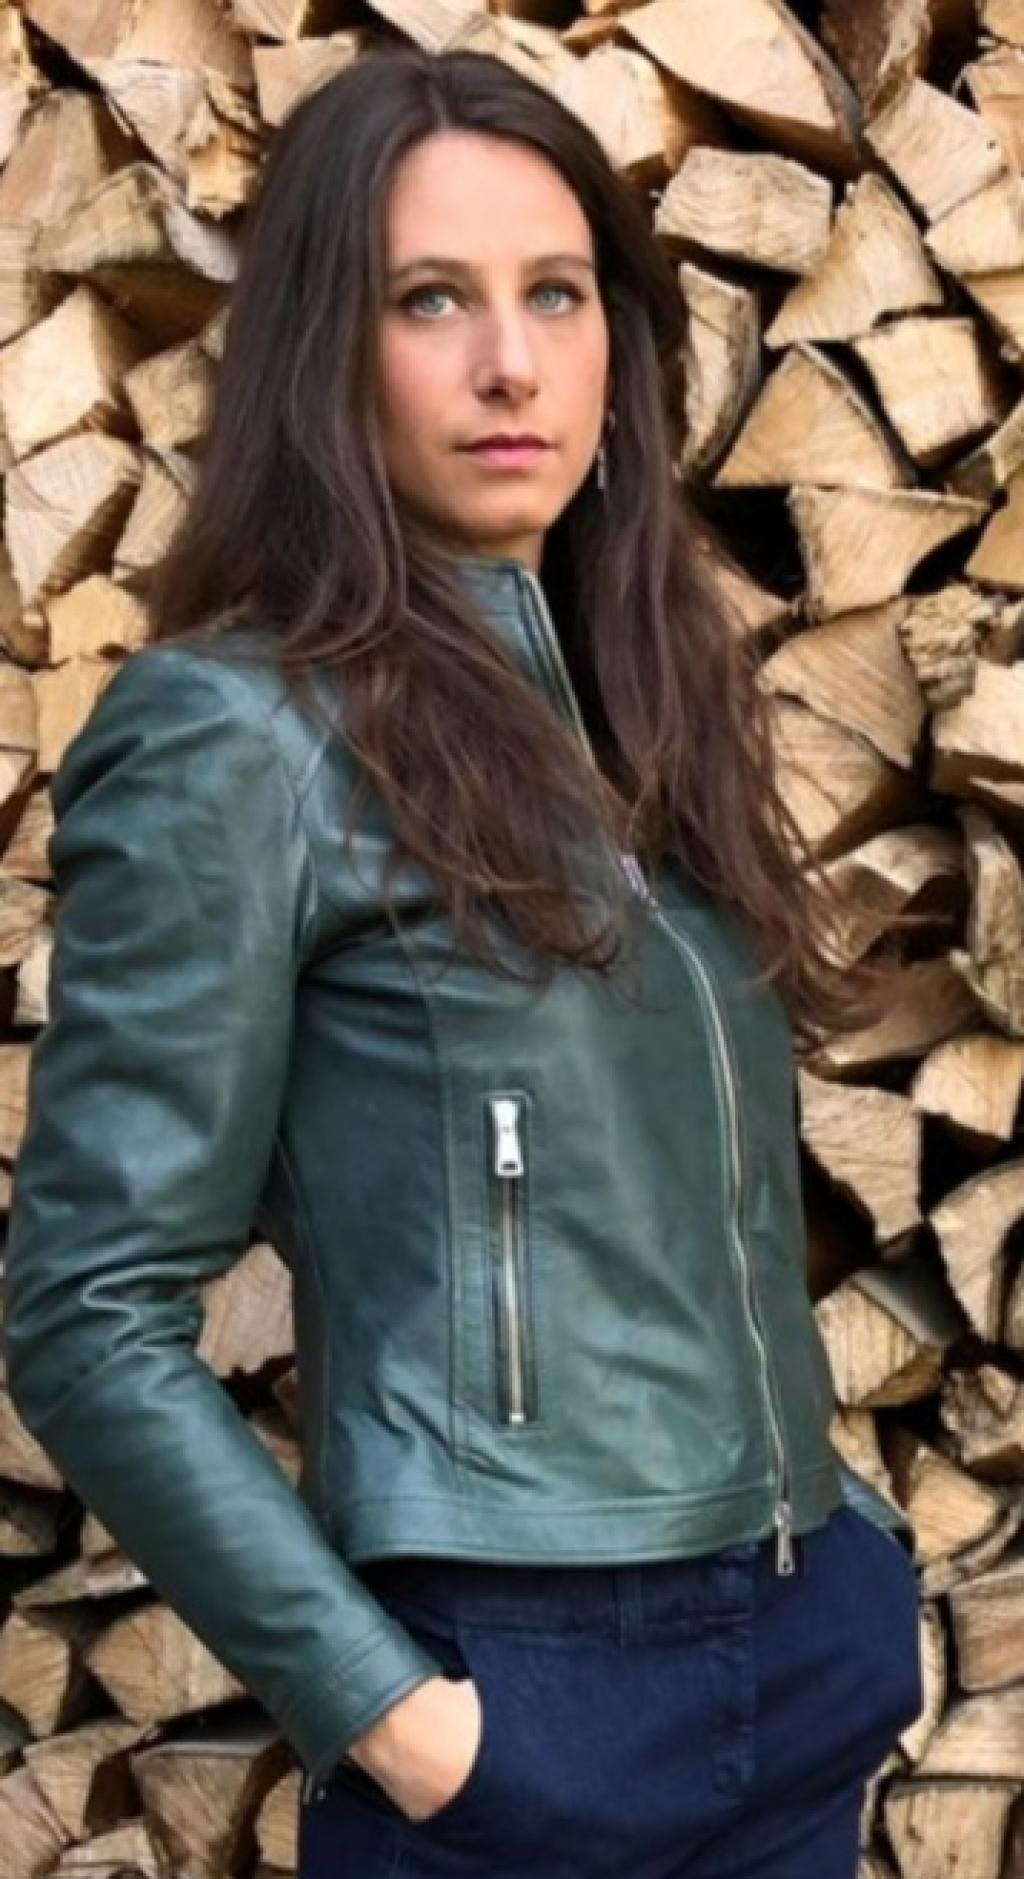 """Giacca in pelle donna mod. """"biker"""" realizzata in pelle extrasoft conciata con enzimi vegetali, effetto vintage"""